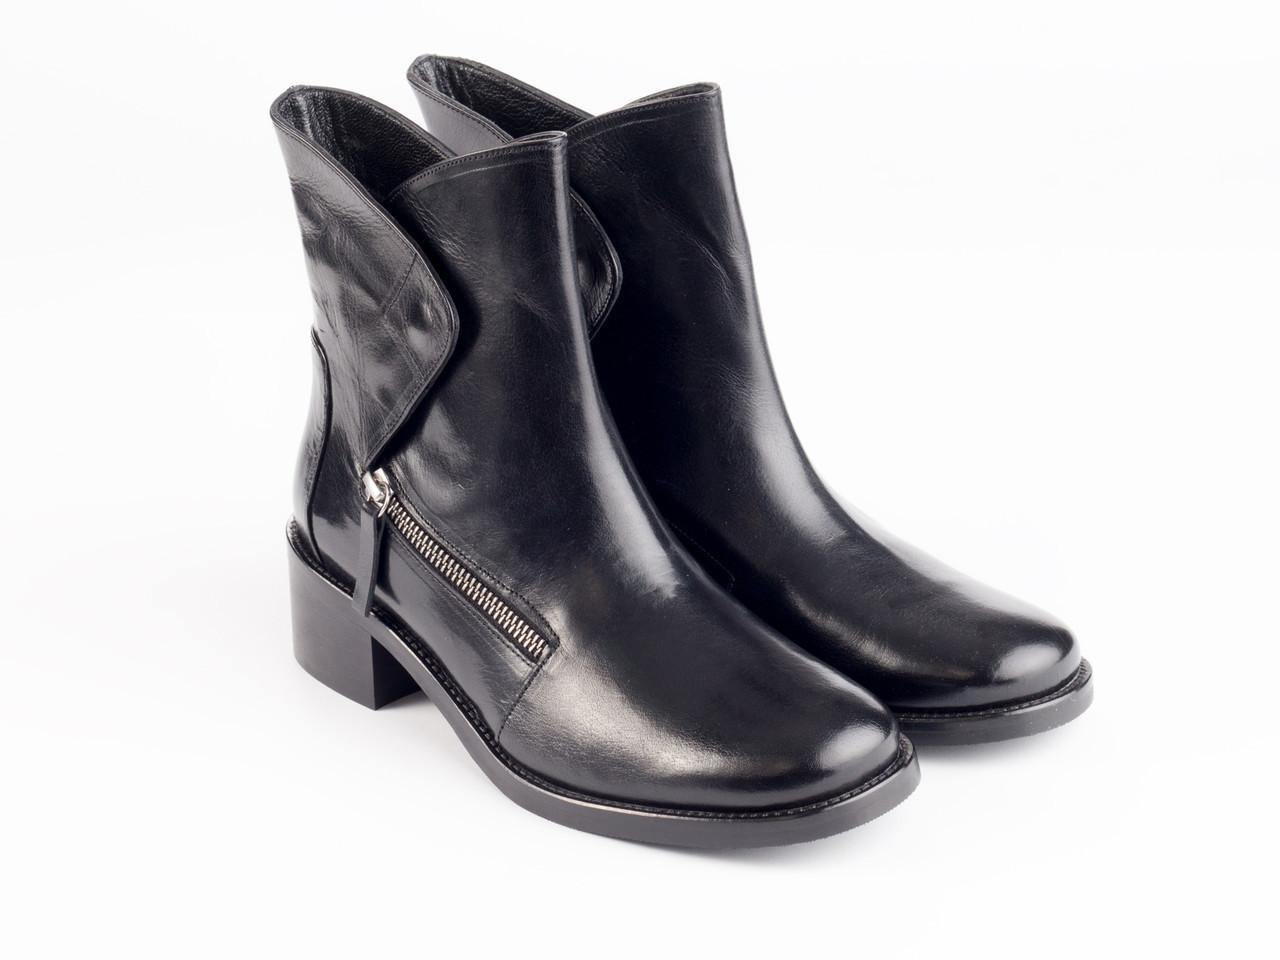 Ботинки Etor 6217-08272 40 черные